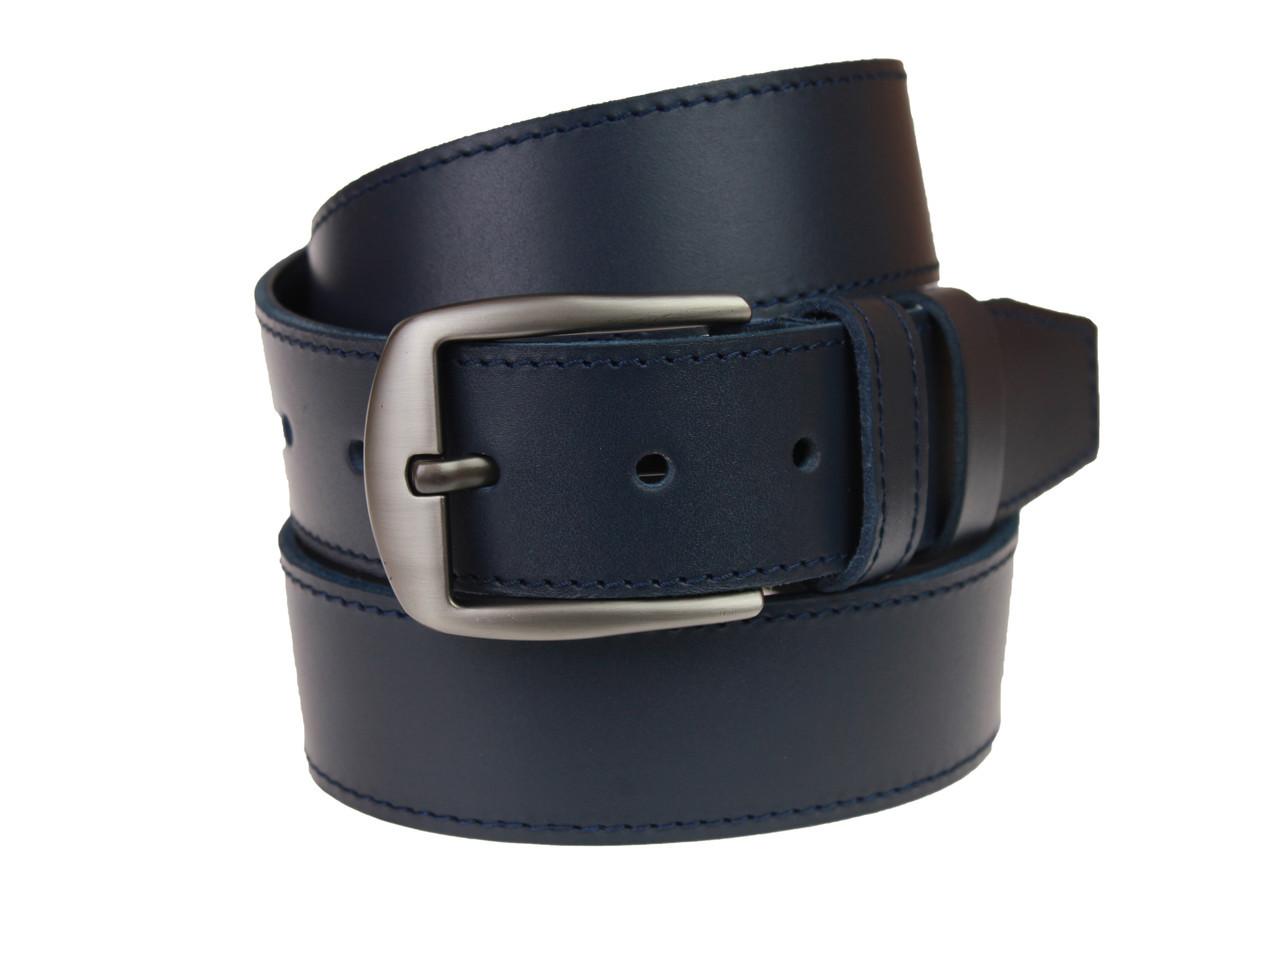 Ремень мужской кожаный джинсовый одна строчка SULLIVAN  RMK-75(7.5) 115-150 см синий